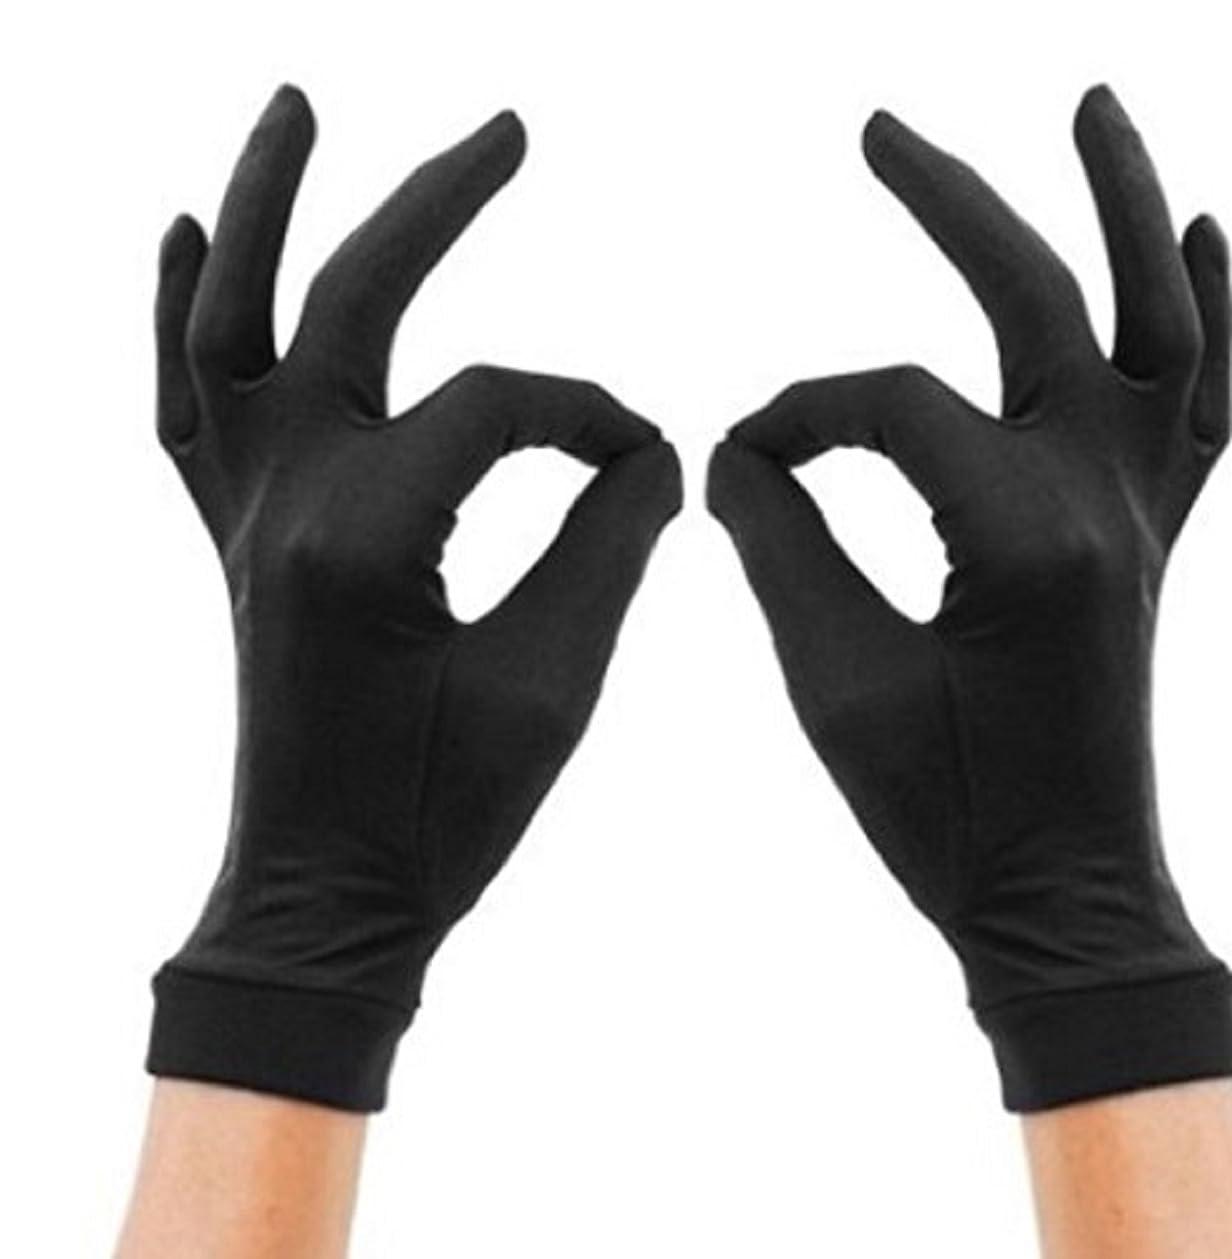 高原インサート東ティモールCREPUSCOLO 手荒れ対策! シルク手袋 おやすみ 手袋 保湿ケア UVカット ハンドケア シルク100% 全7色 ブラック